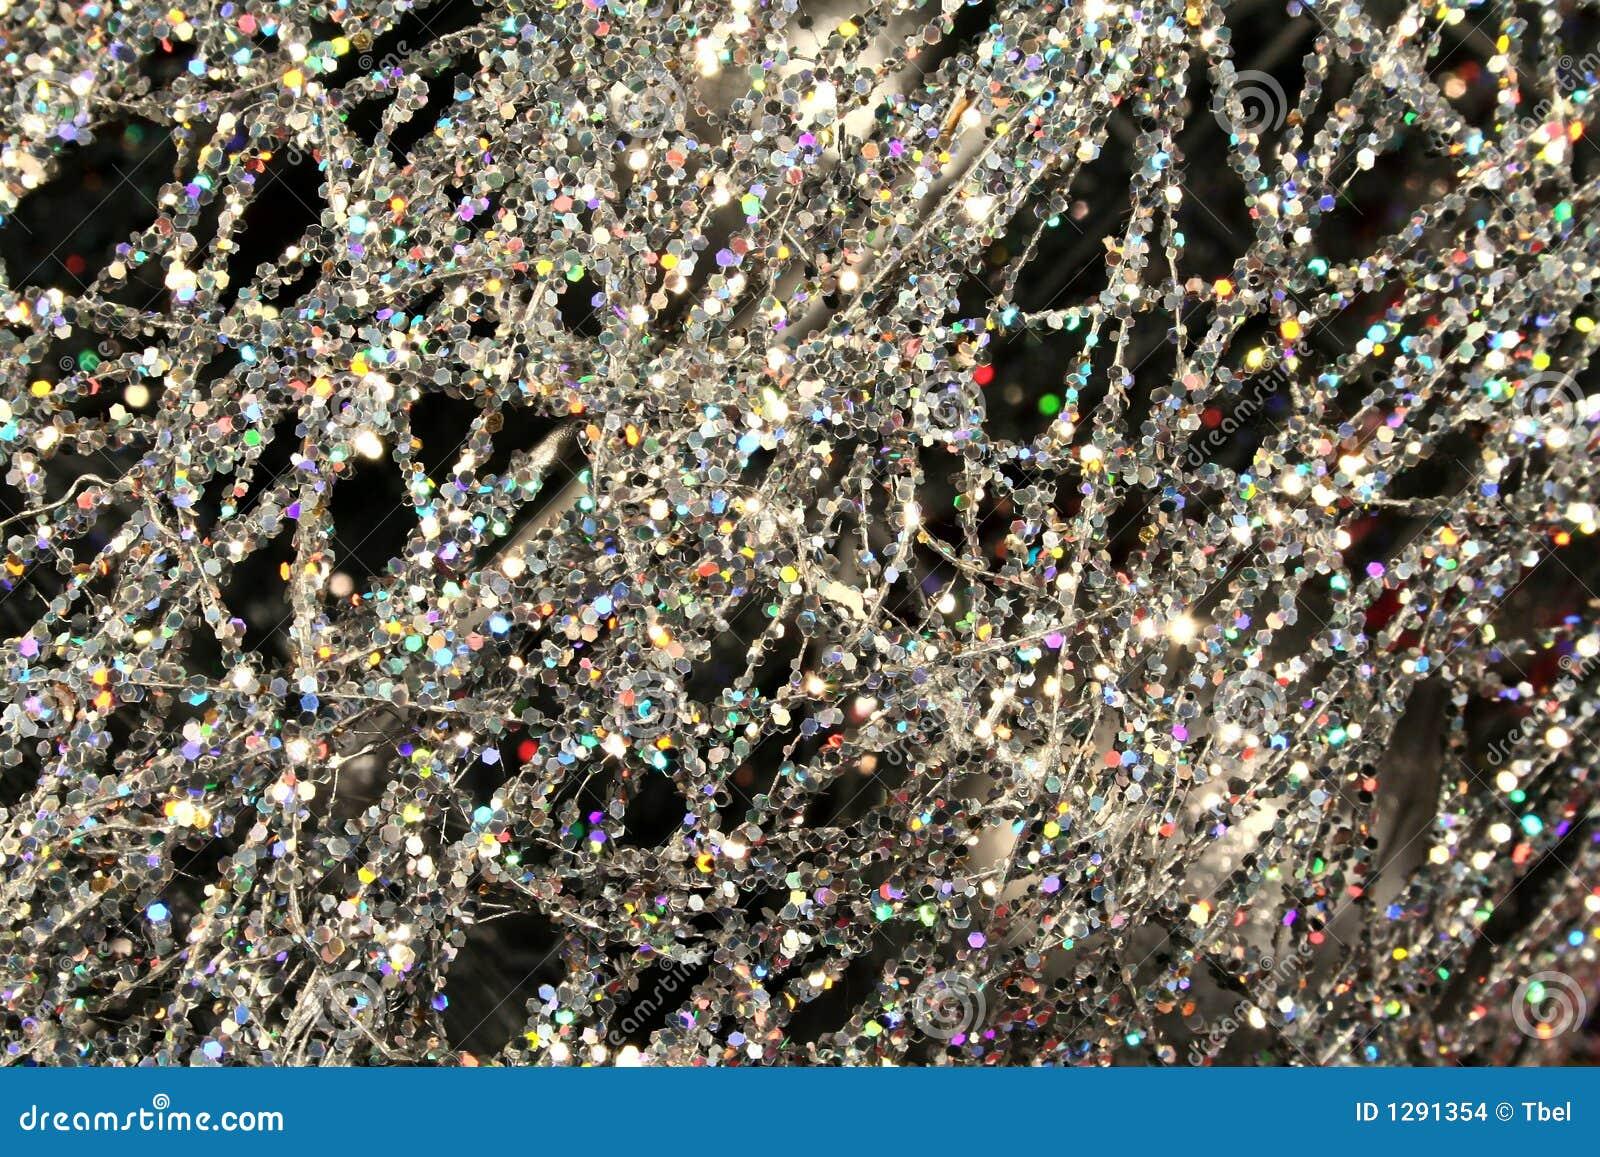 Silver glimmer